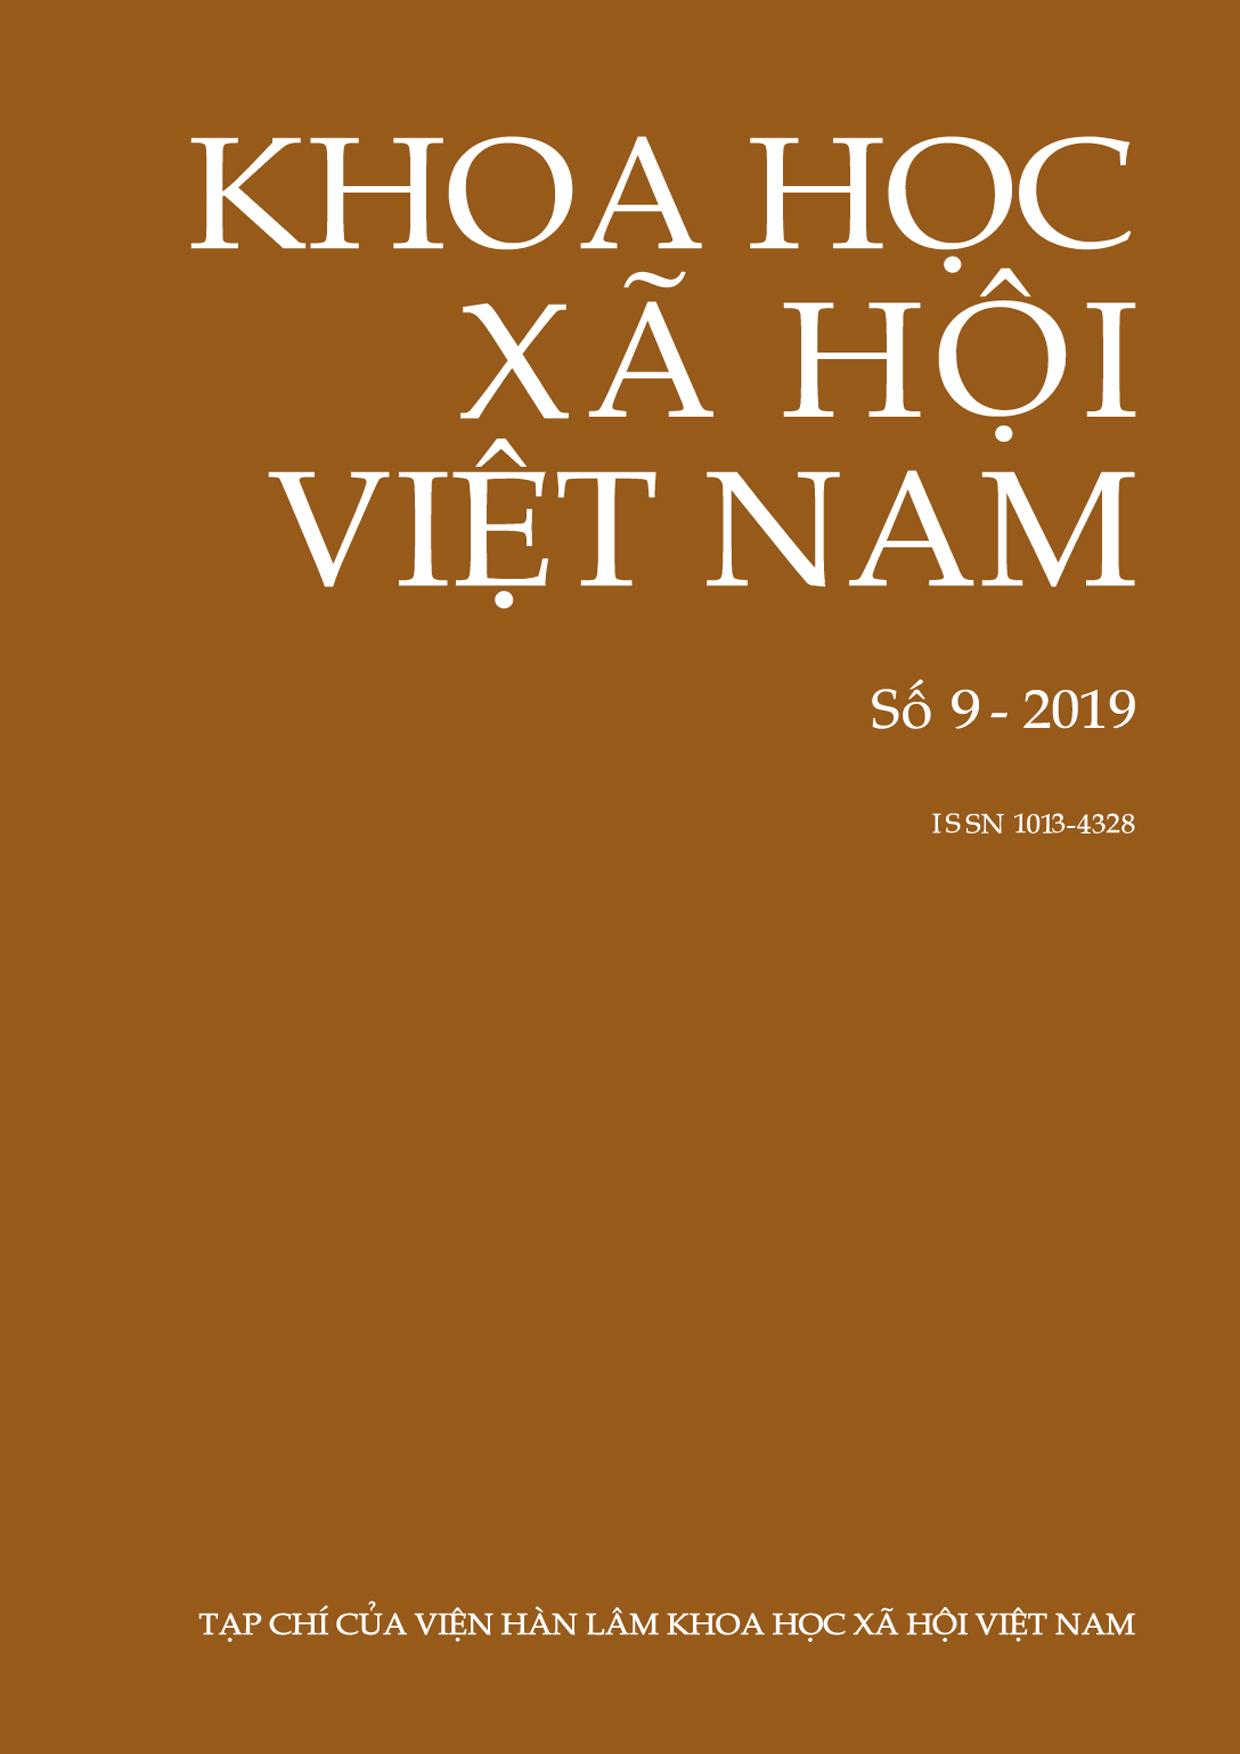 Khoa học xã hội Việt Nam. Số 9 - 2019